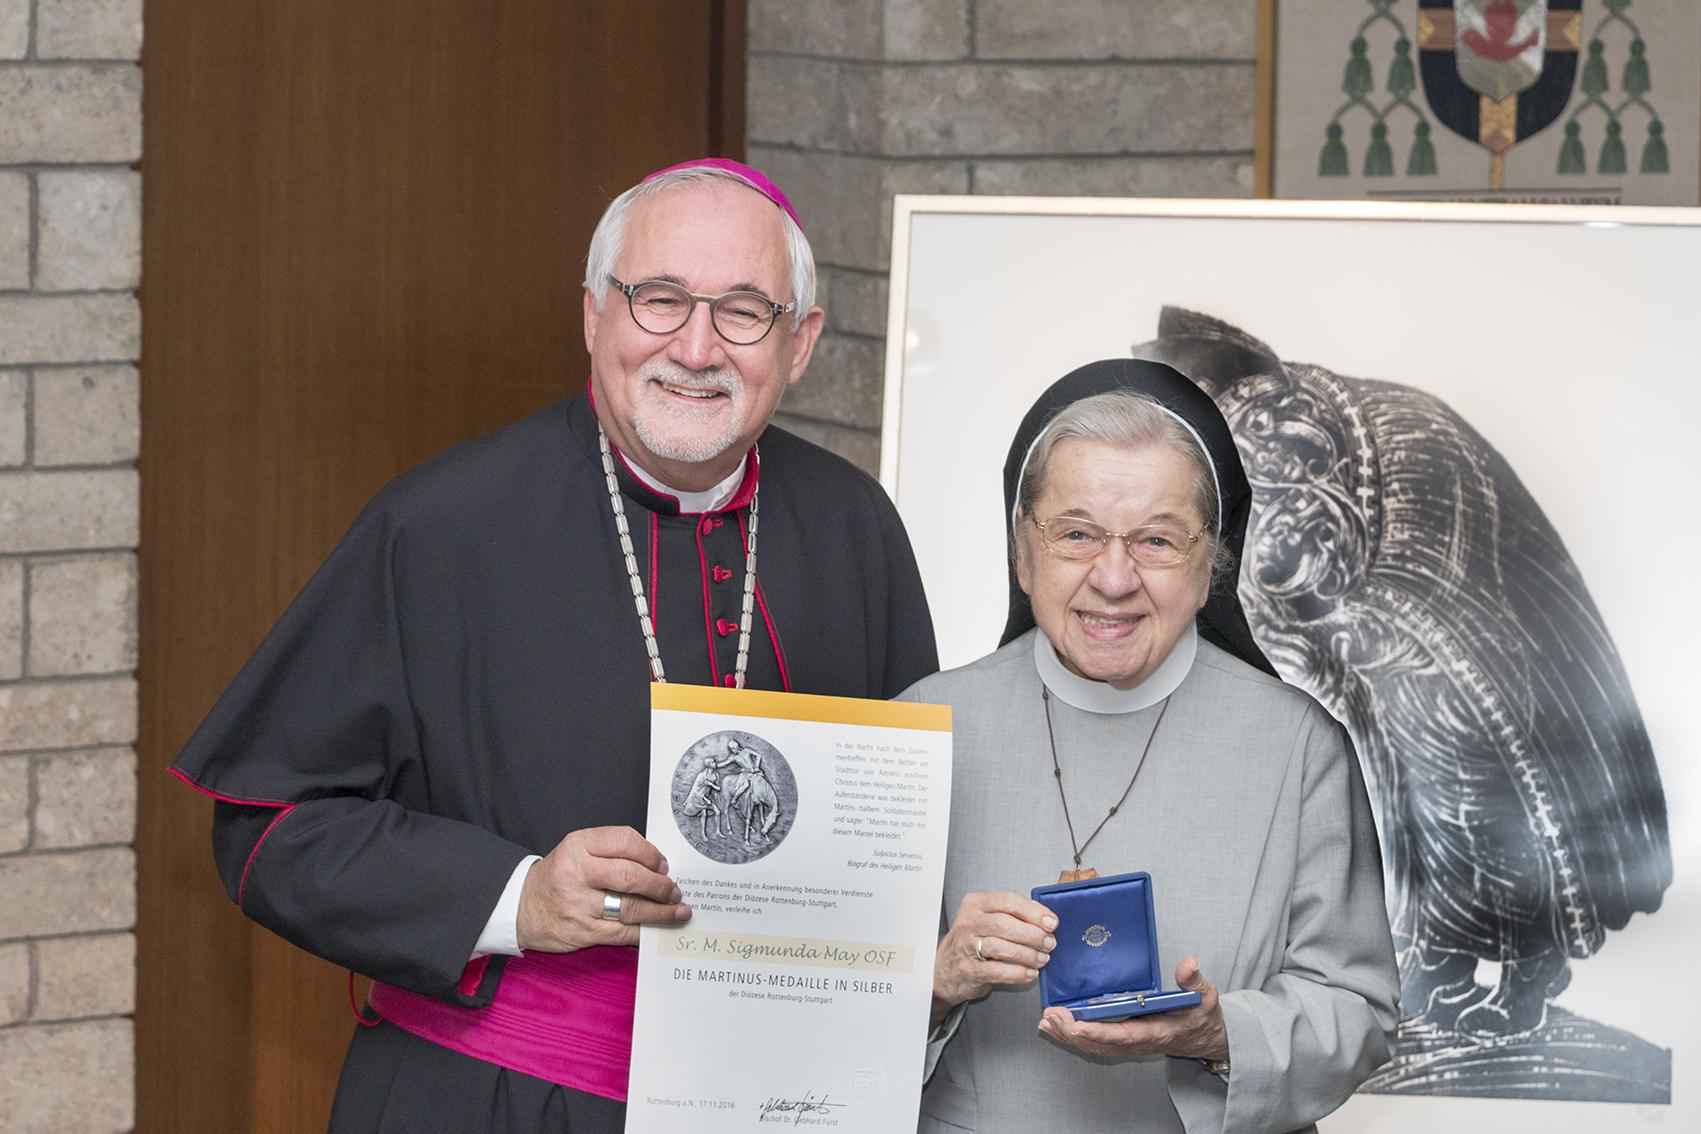 2016 Silberne Martinusmedaille Für Sr. Sigmunda May; Bildquelle: Diözese Rottenburg-Stuttgart/Jochen Wiedemann